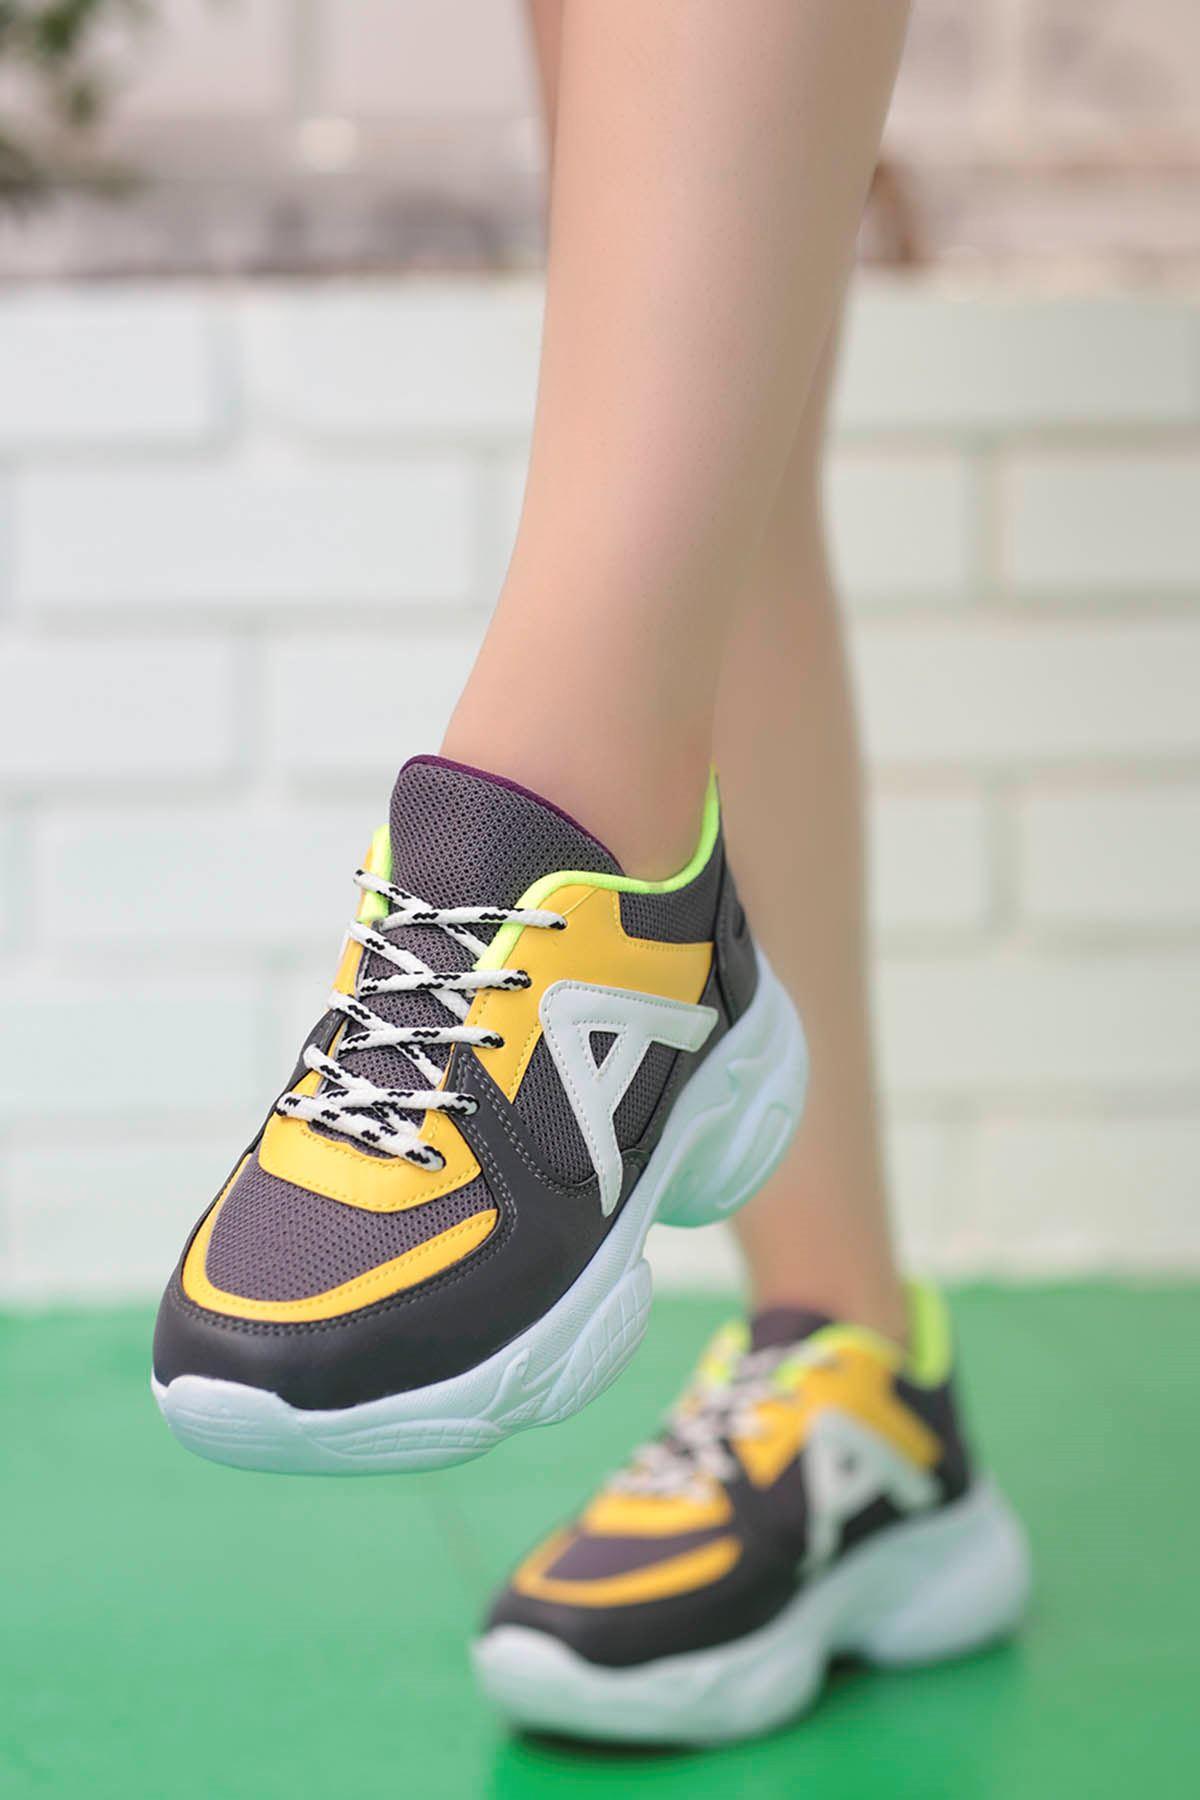 Afra A Detay Spor Ayakkabı Gri Sarı Detay